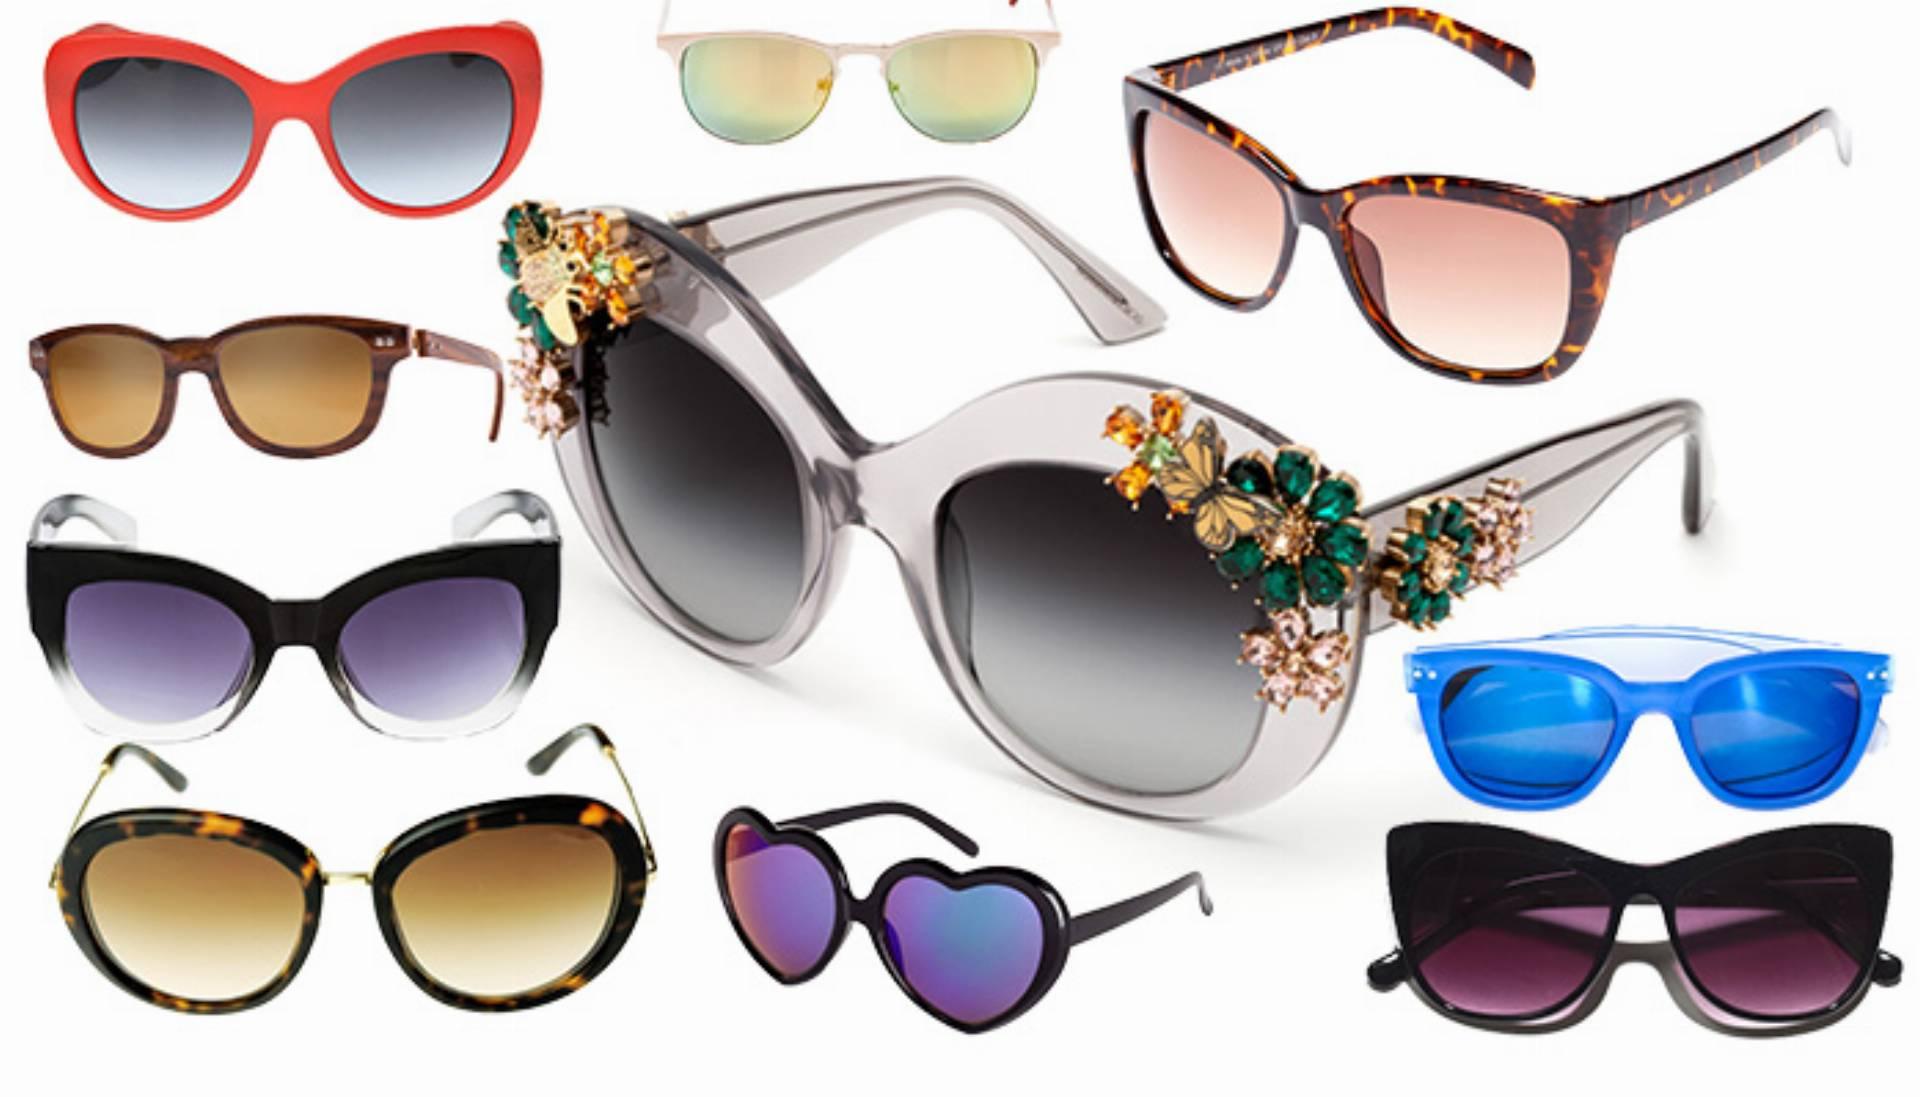 okulary przeciwsłoneczne na lato 2015